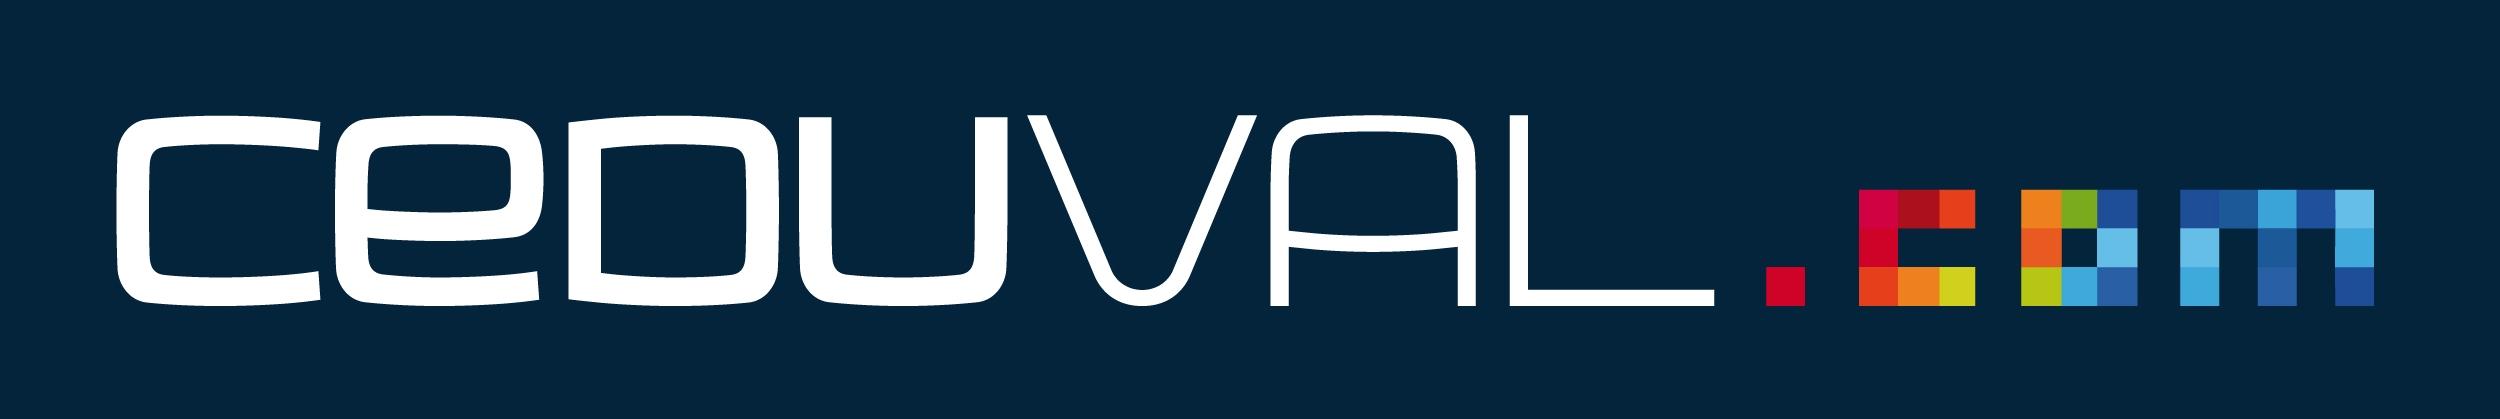 Logo_CEDUVAL(azul)alta-02